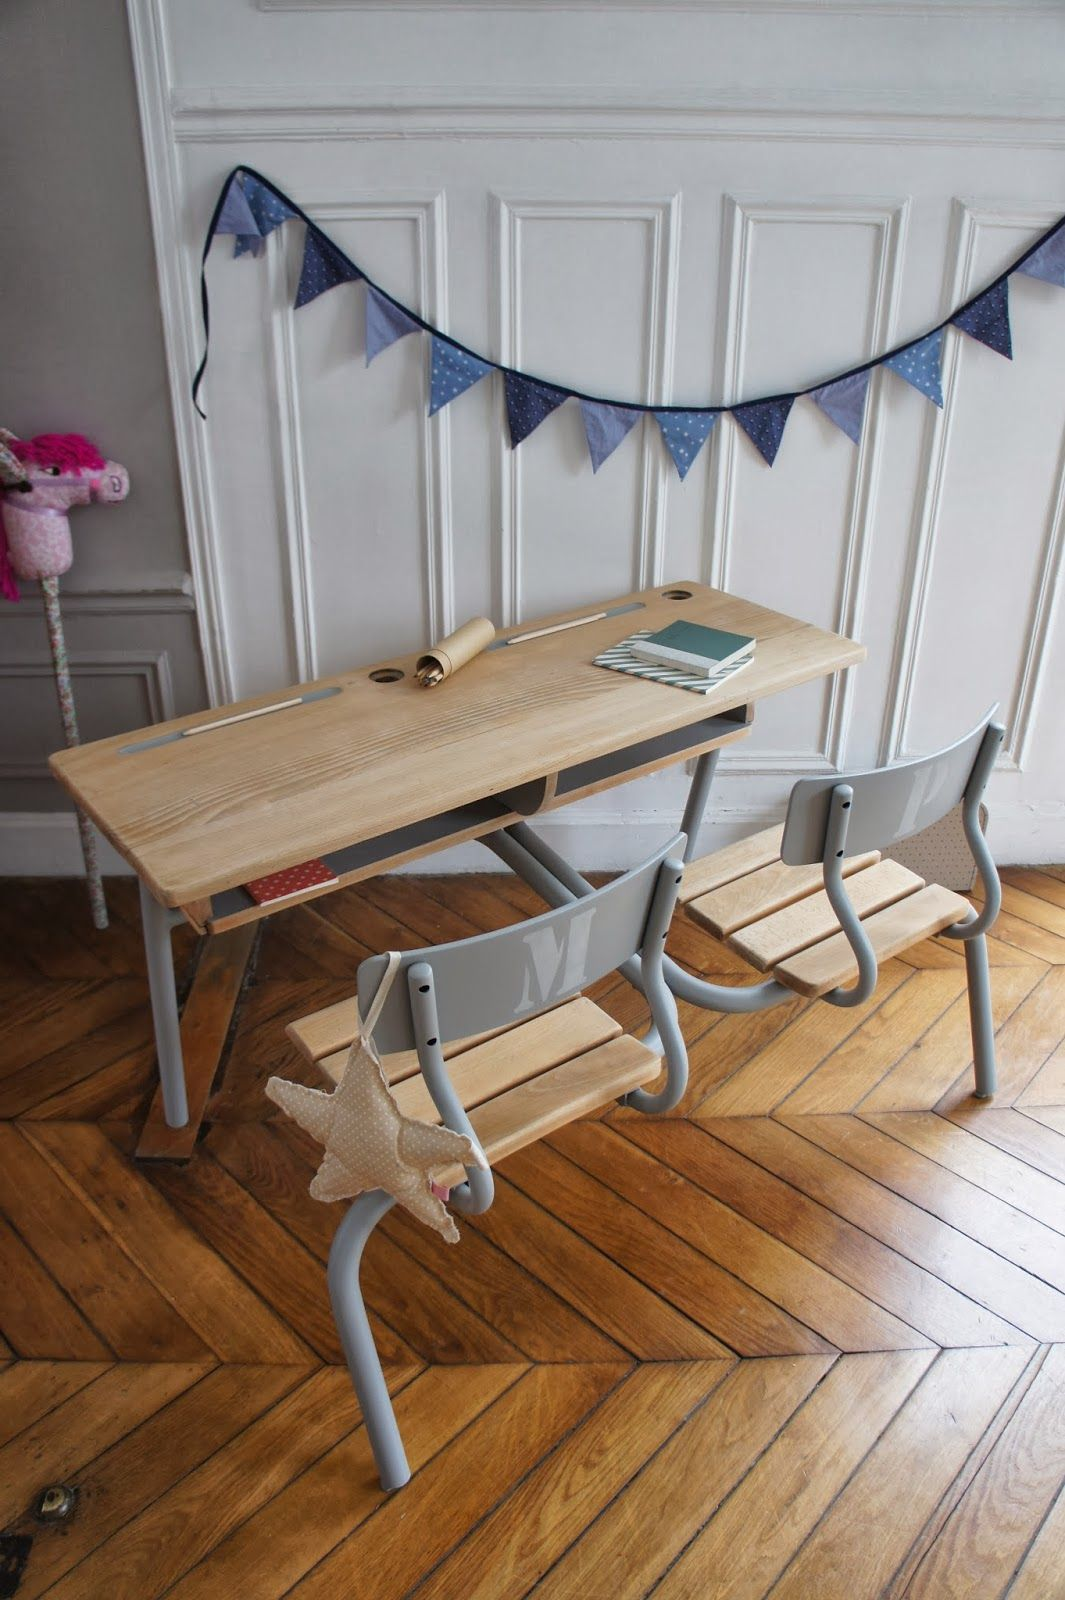 Atelier petit toit pupitre revisit sur commande f v 2013 meble bureau enfant bureau - Customiser un bureau ...